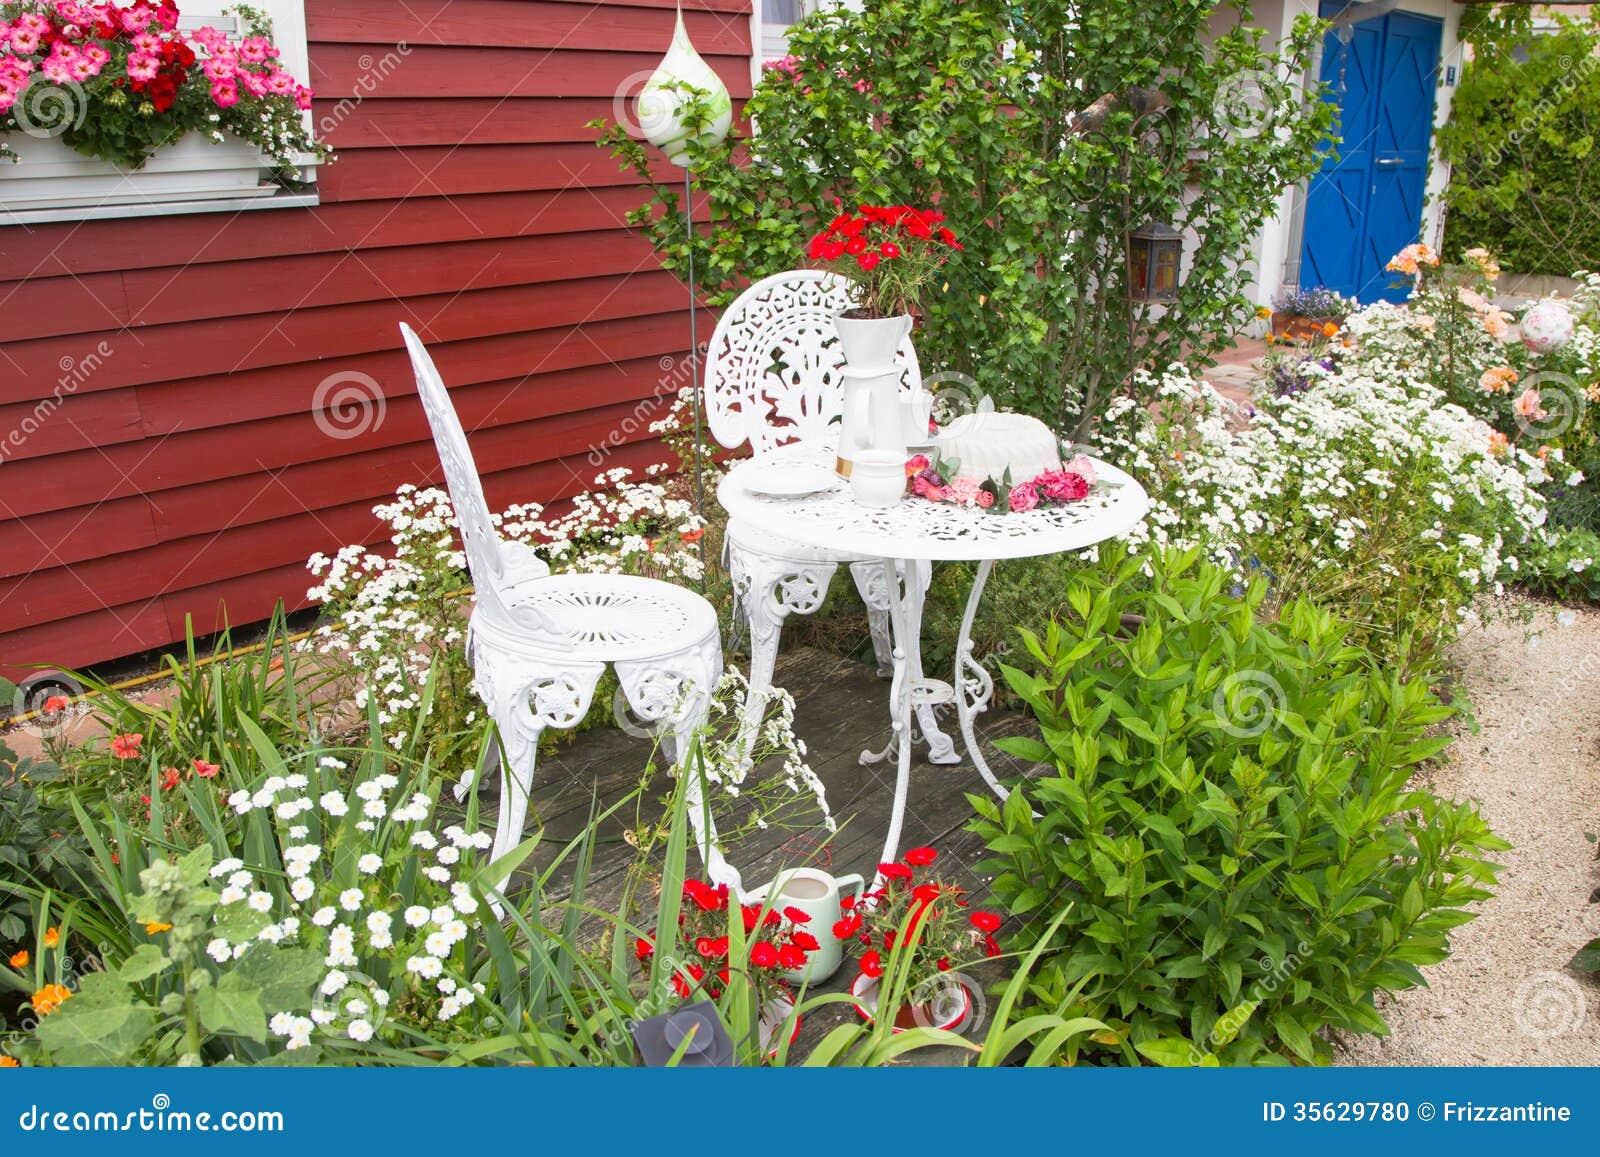 Meubles de jardin r gl s avec des fleurs devant la maison for Ameublement de jardin